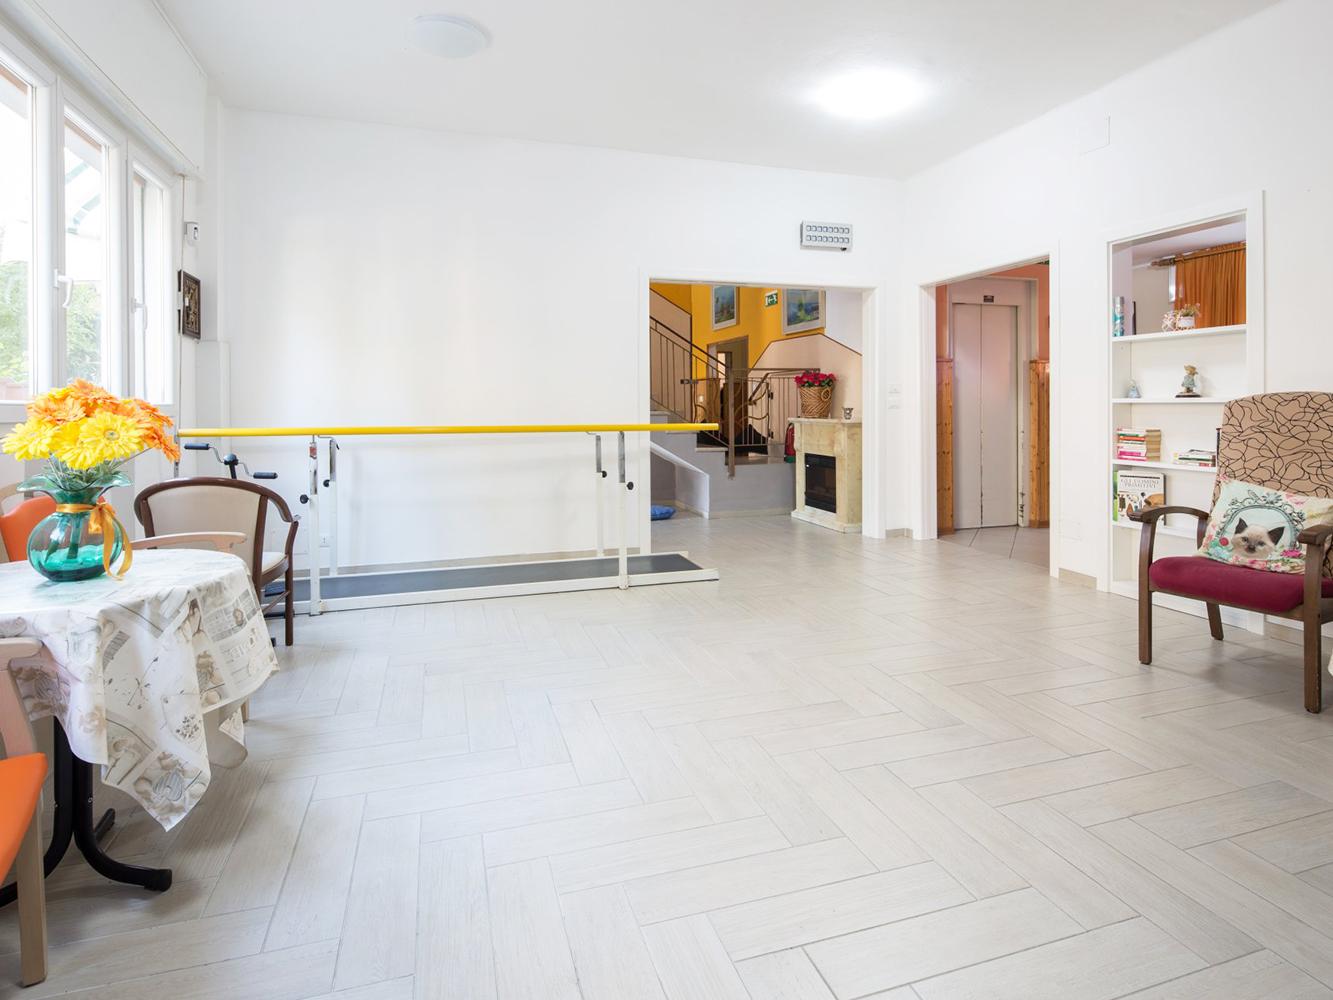 Assistenza anziani Villa dei Cedri